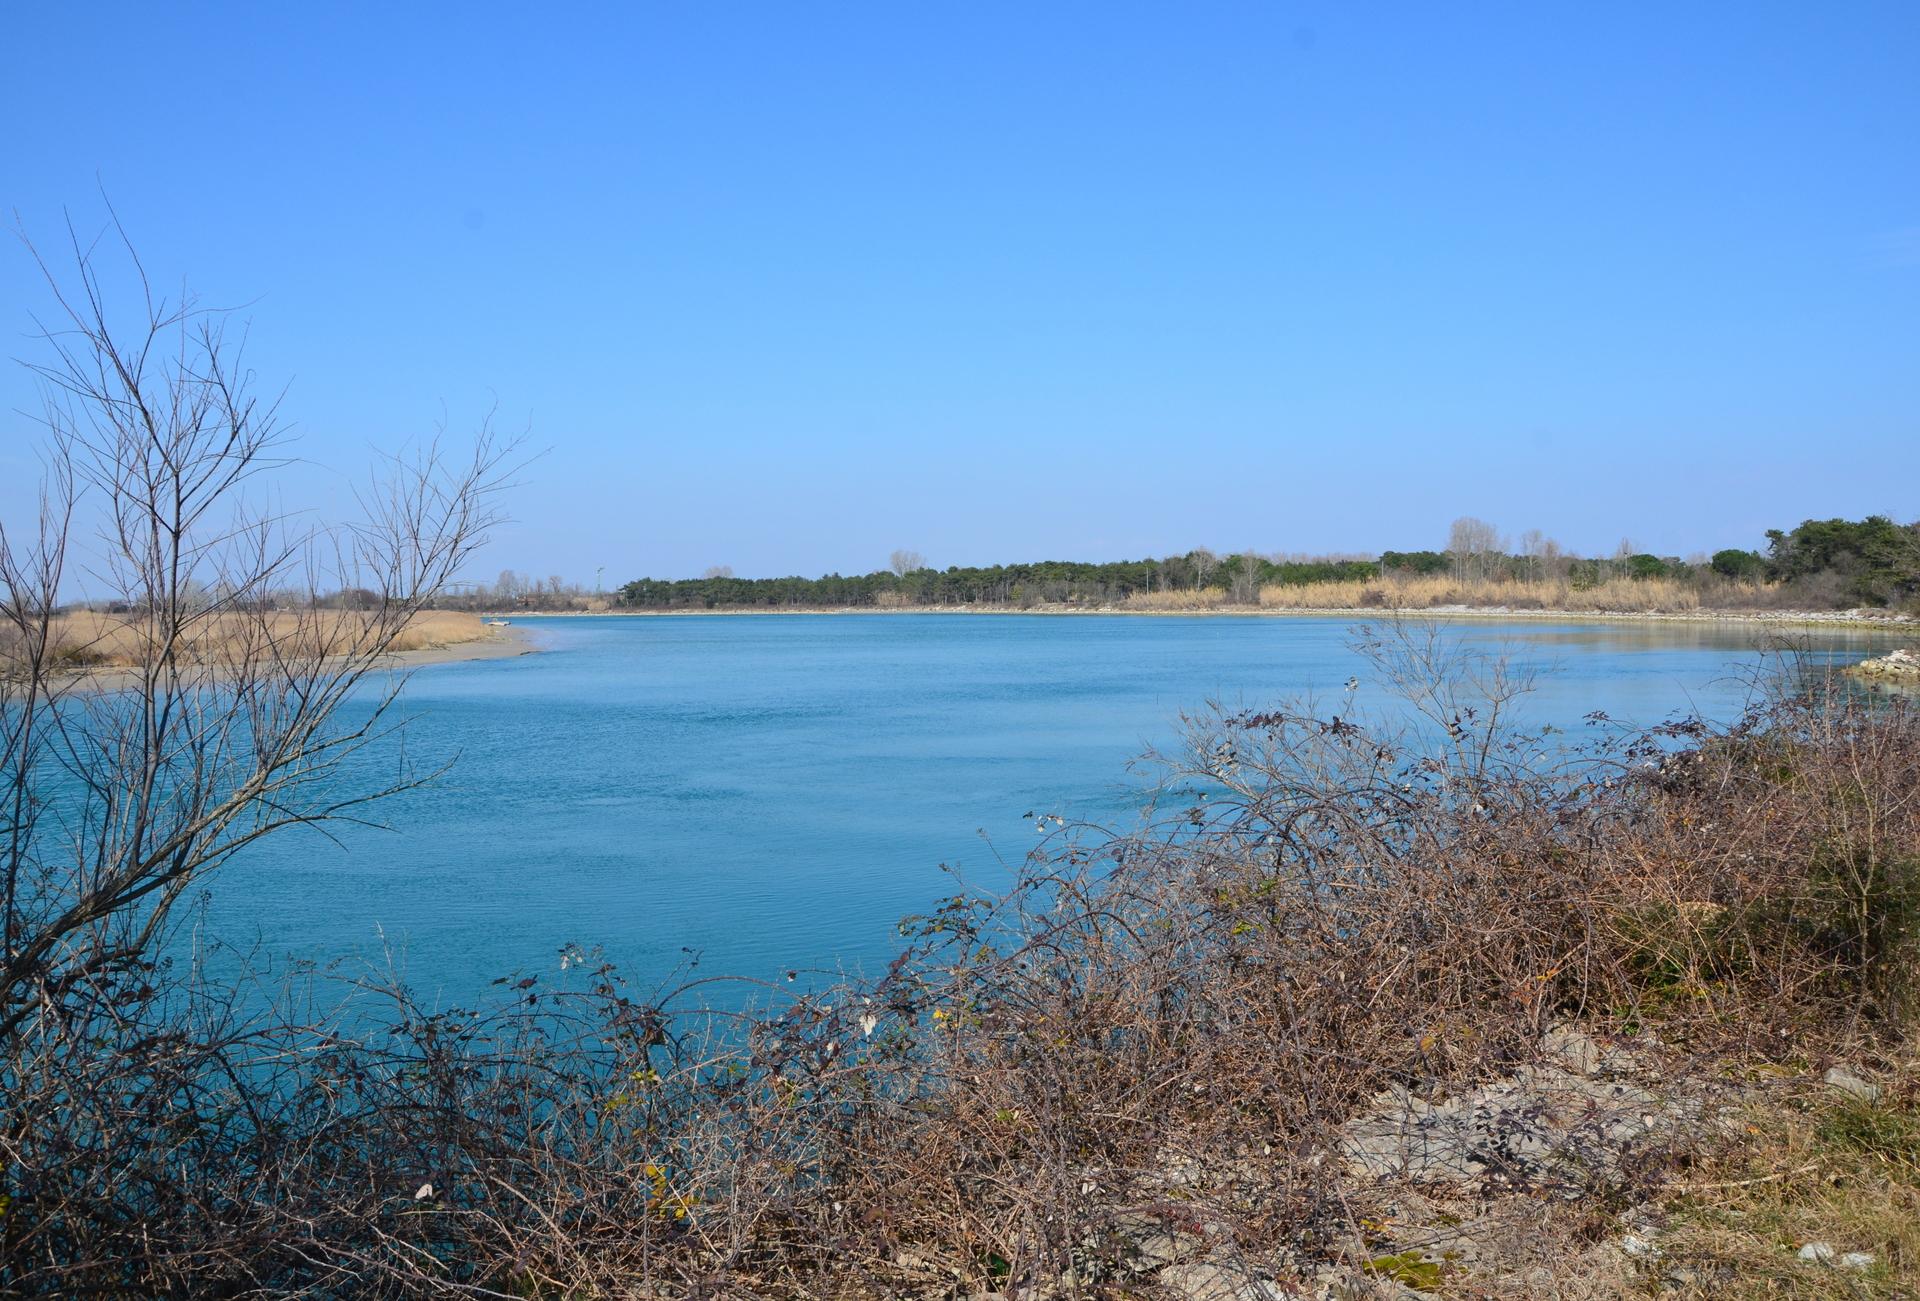 Fiume tagliamento bibione 5 aquae for Sabbia di fiume